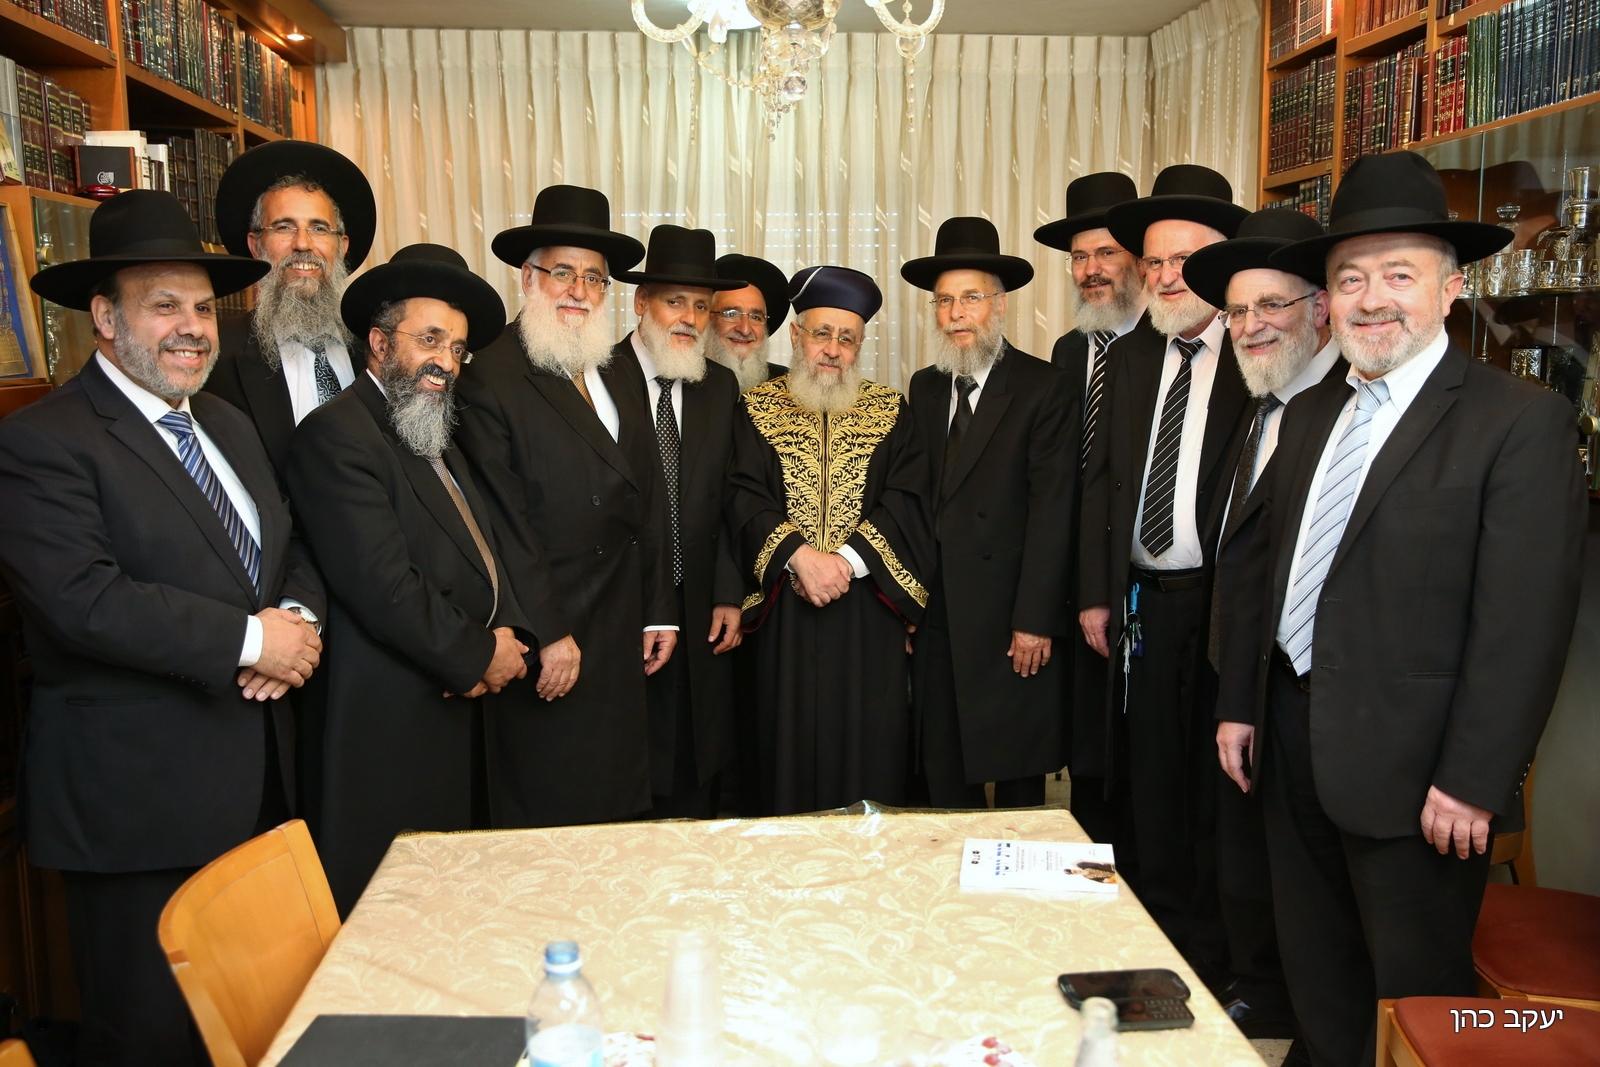 דיינים בית הדין הרבני הגדול יצחק יוסף